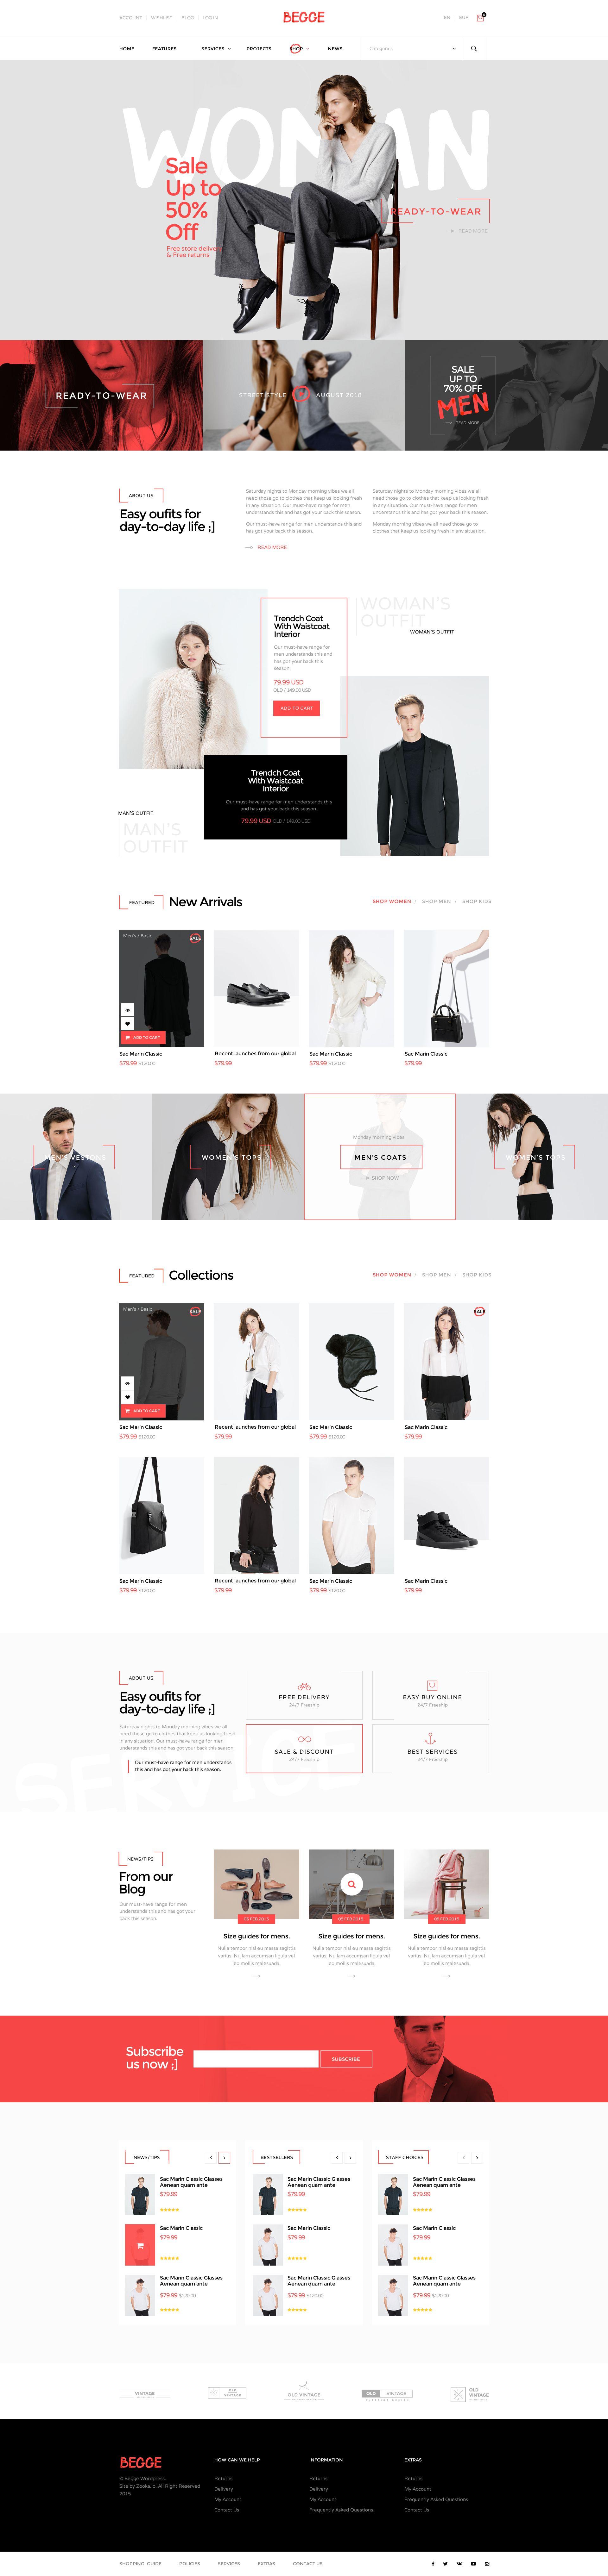 Begge - Modern Fashion Shop PSD Template | Modern fashion, Psd ...